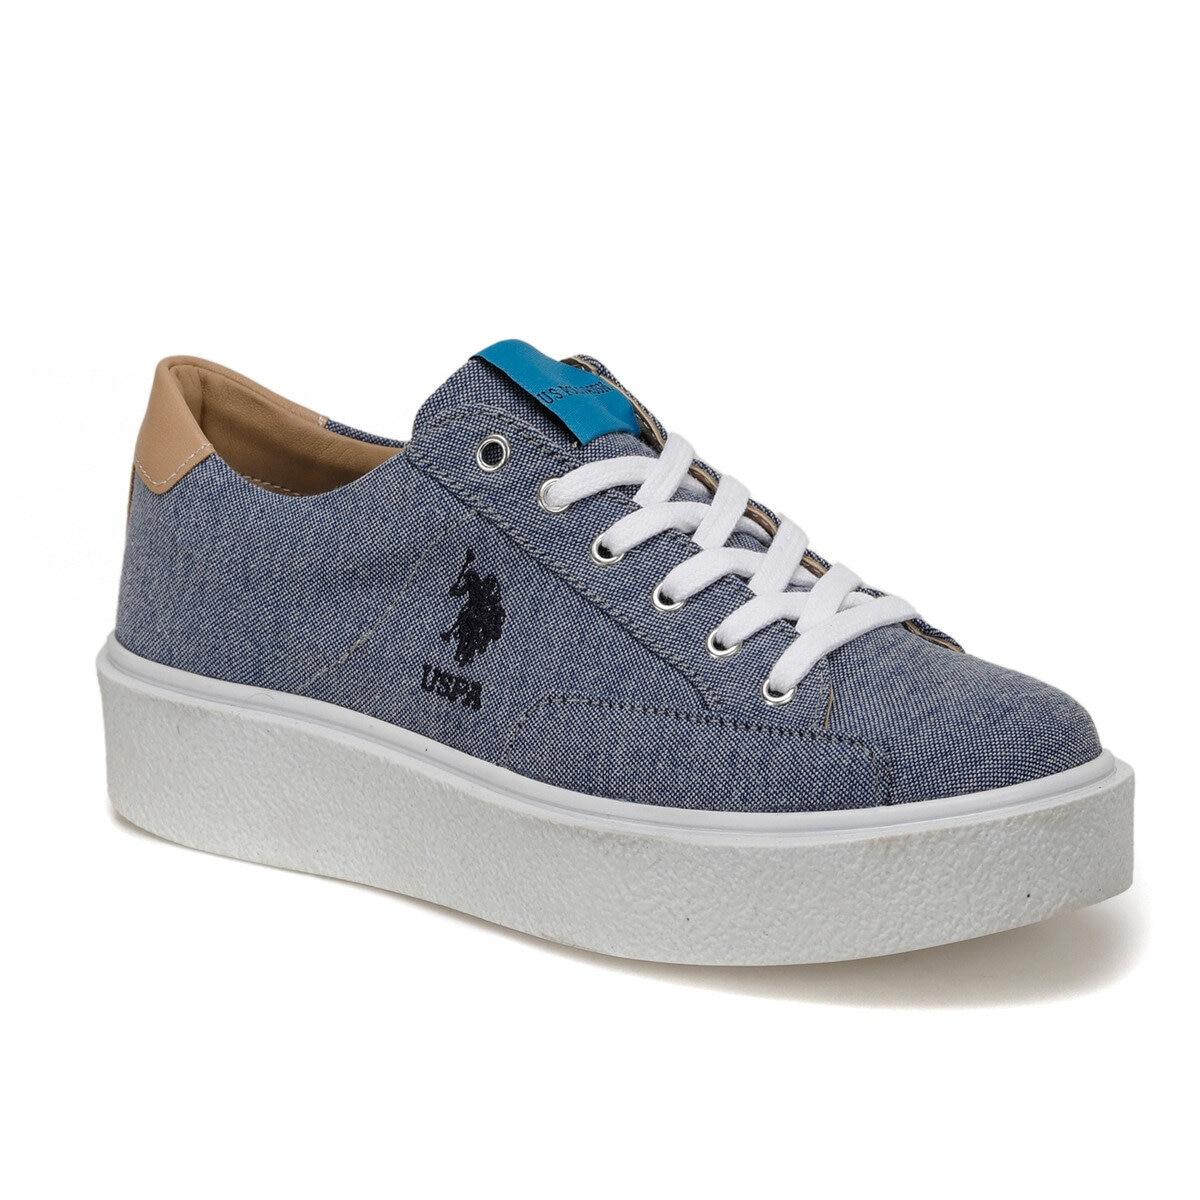 FLO/синие женские кроссовки; 2020; Модная дышащая Вулканизированная обувь; Женская обувь на платформе; Женская повседневная обувь на шнуровке; U.S. POLO ASSN. MARIQ|Кроссовки и кеды|   | АлиЭкспресс